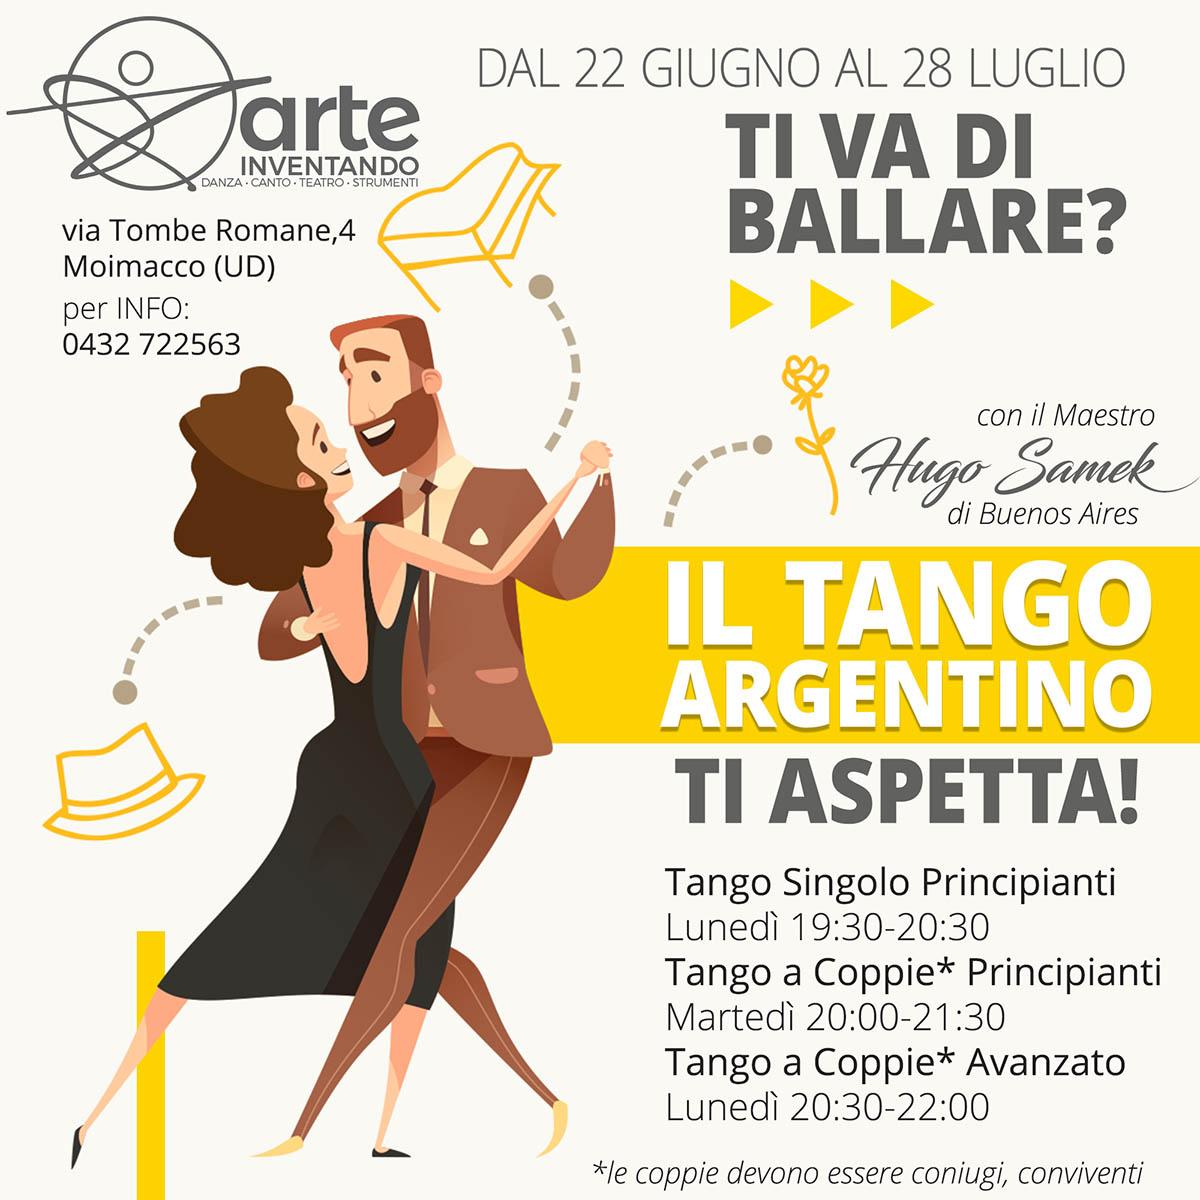 Corso di Tango Argentino Arteinventando - OFFICINA5 Moimacco UDINE